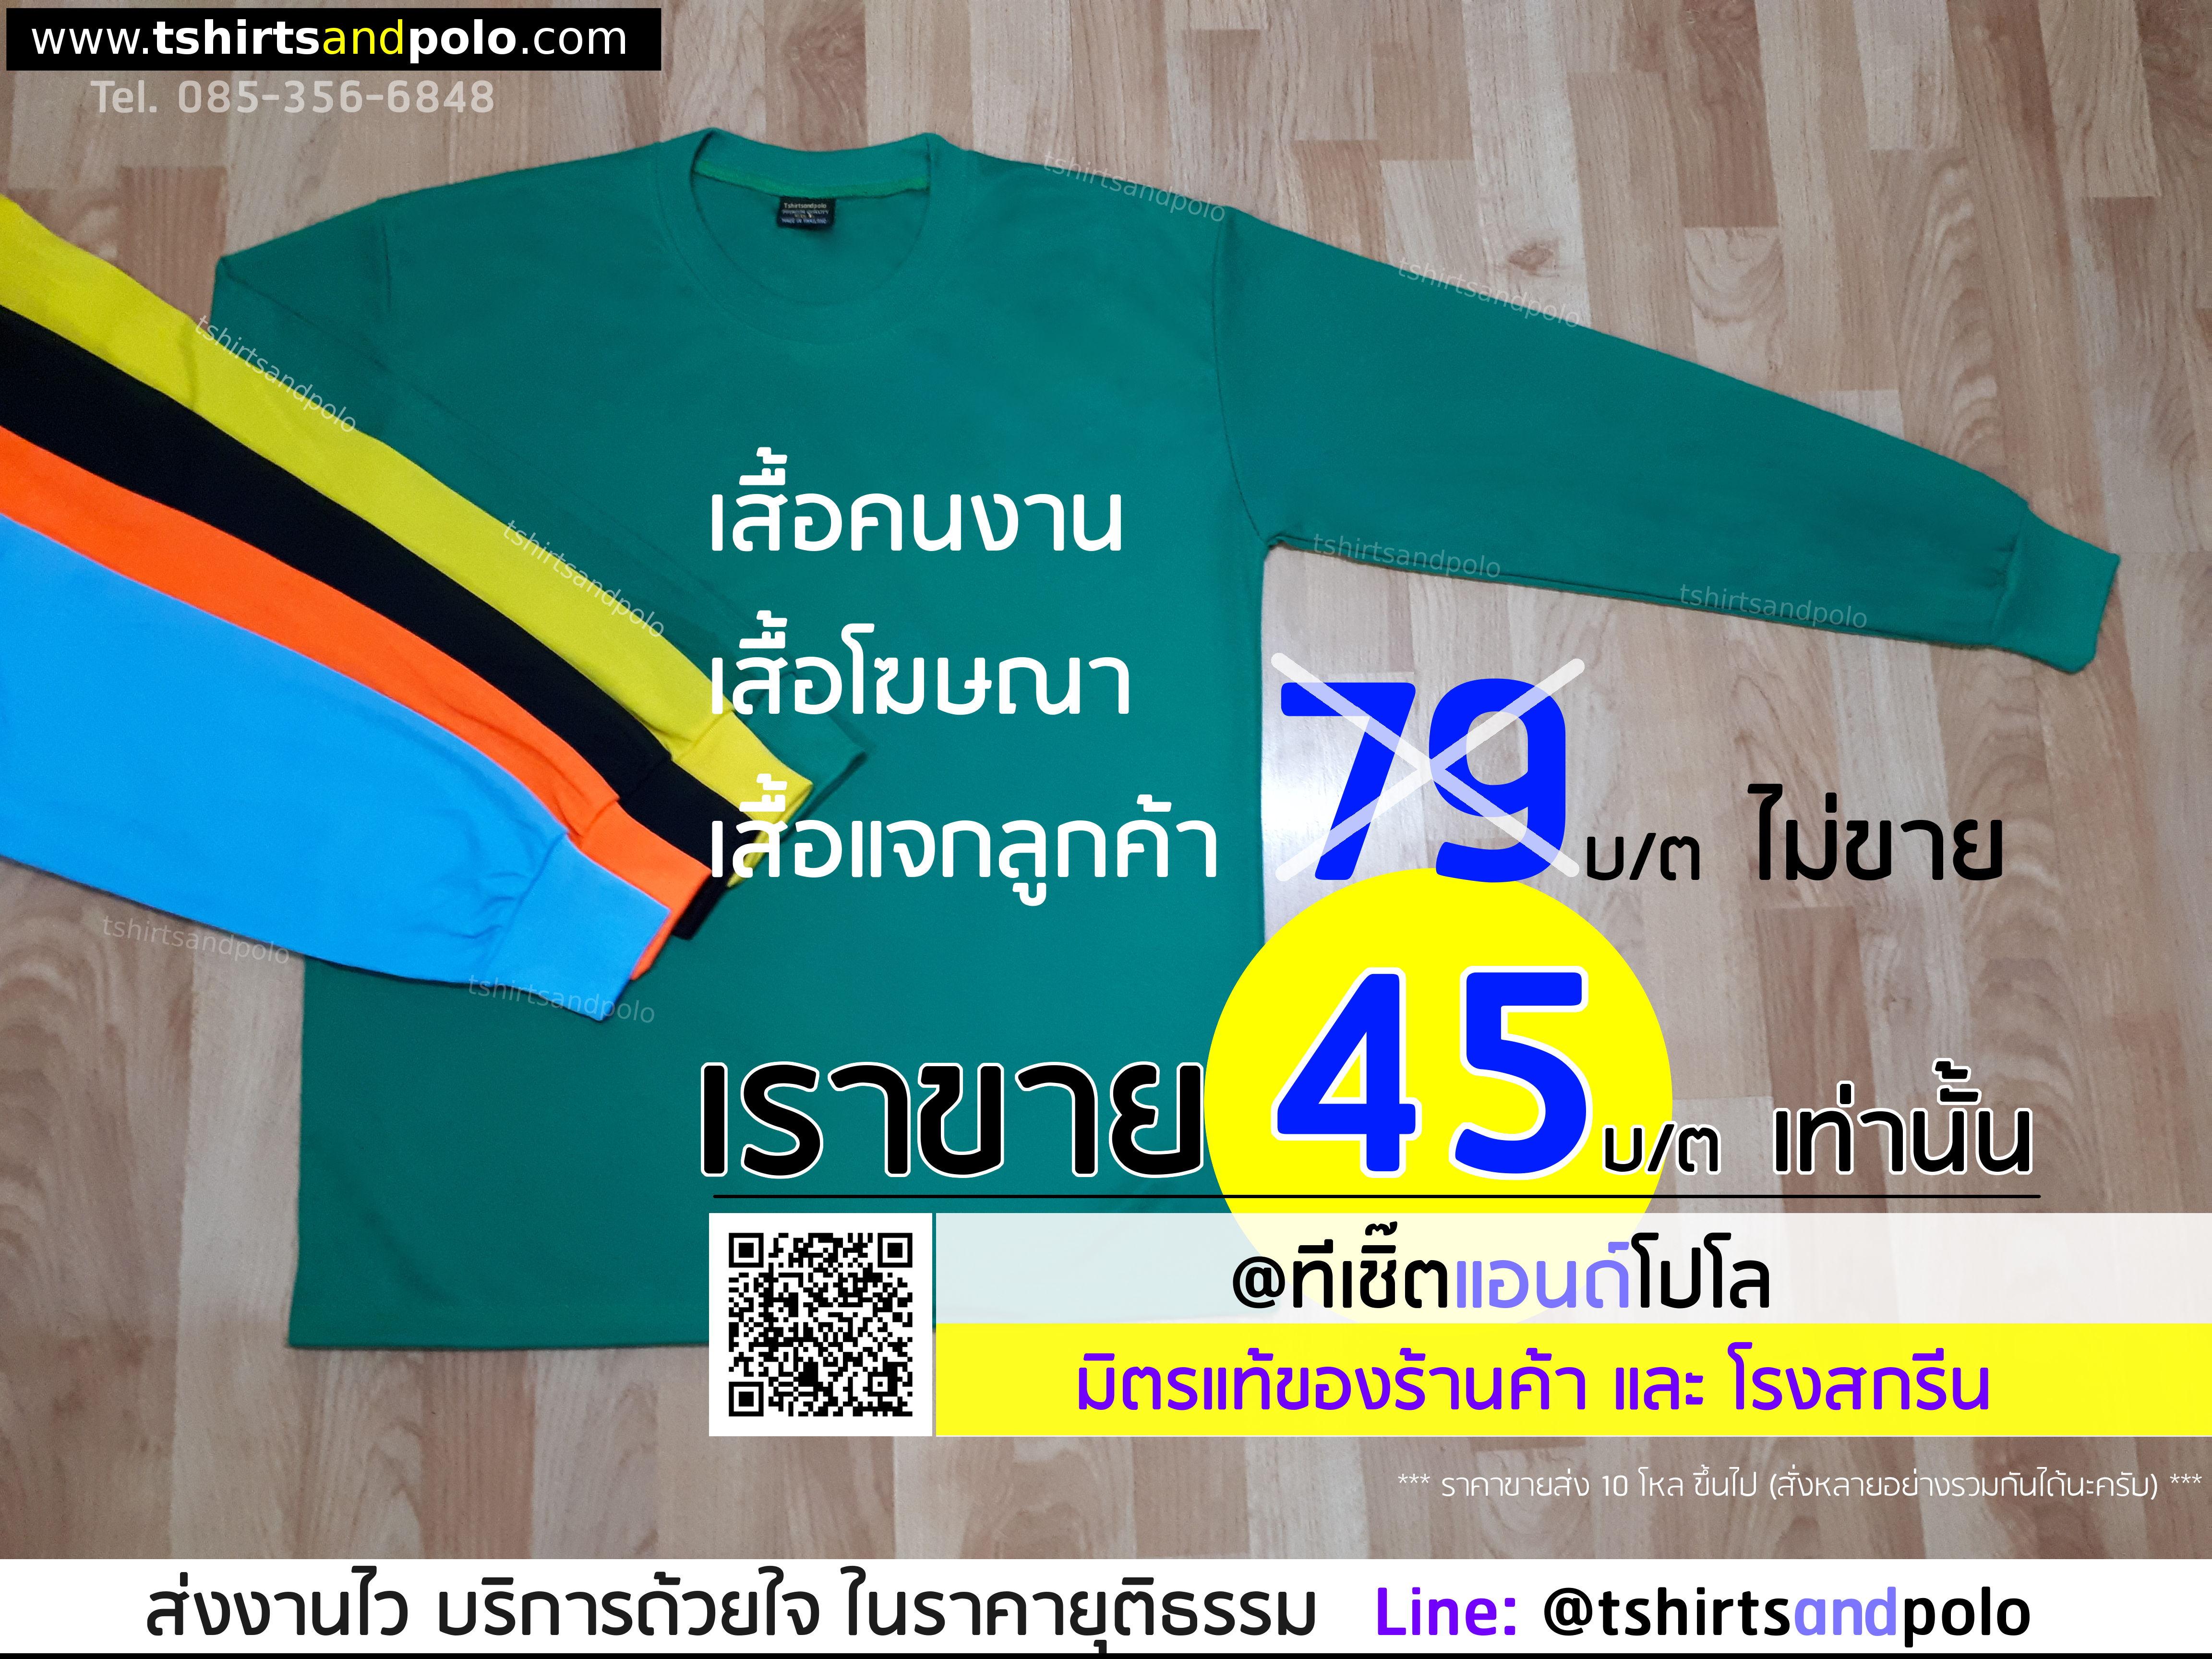 เสื้อคนงานแขนยาว ปกติ79 ราคาโปร 45 บ/ต เท่านั้น เสื้อคนงานสีสวยๆ เสื้อคนงานแขนยาว จำหน่ายเสื้อคนงาน เสื้อคนงานราคาส่ง glnhv8o'ko ขายเสื้อคนงาน